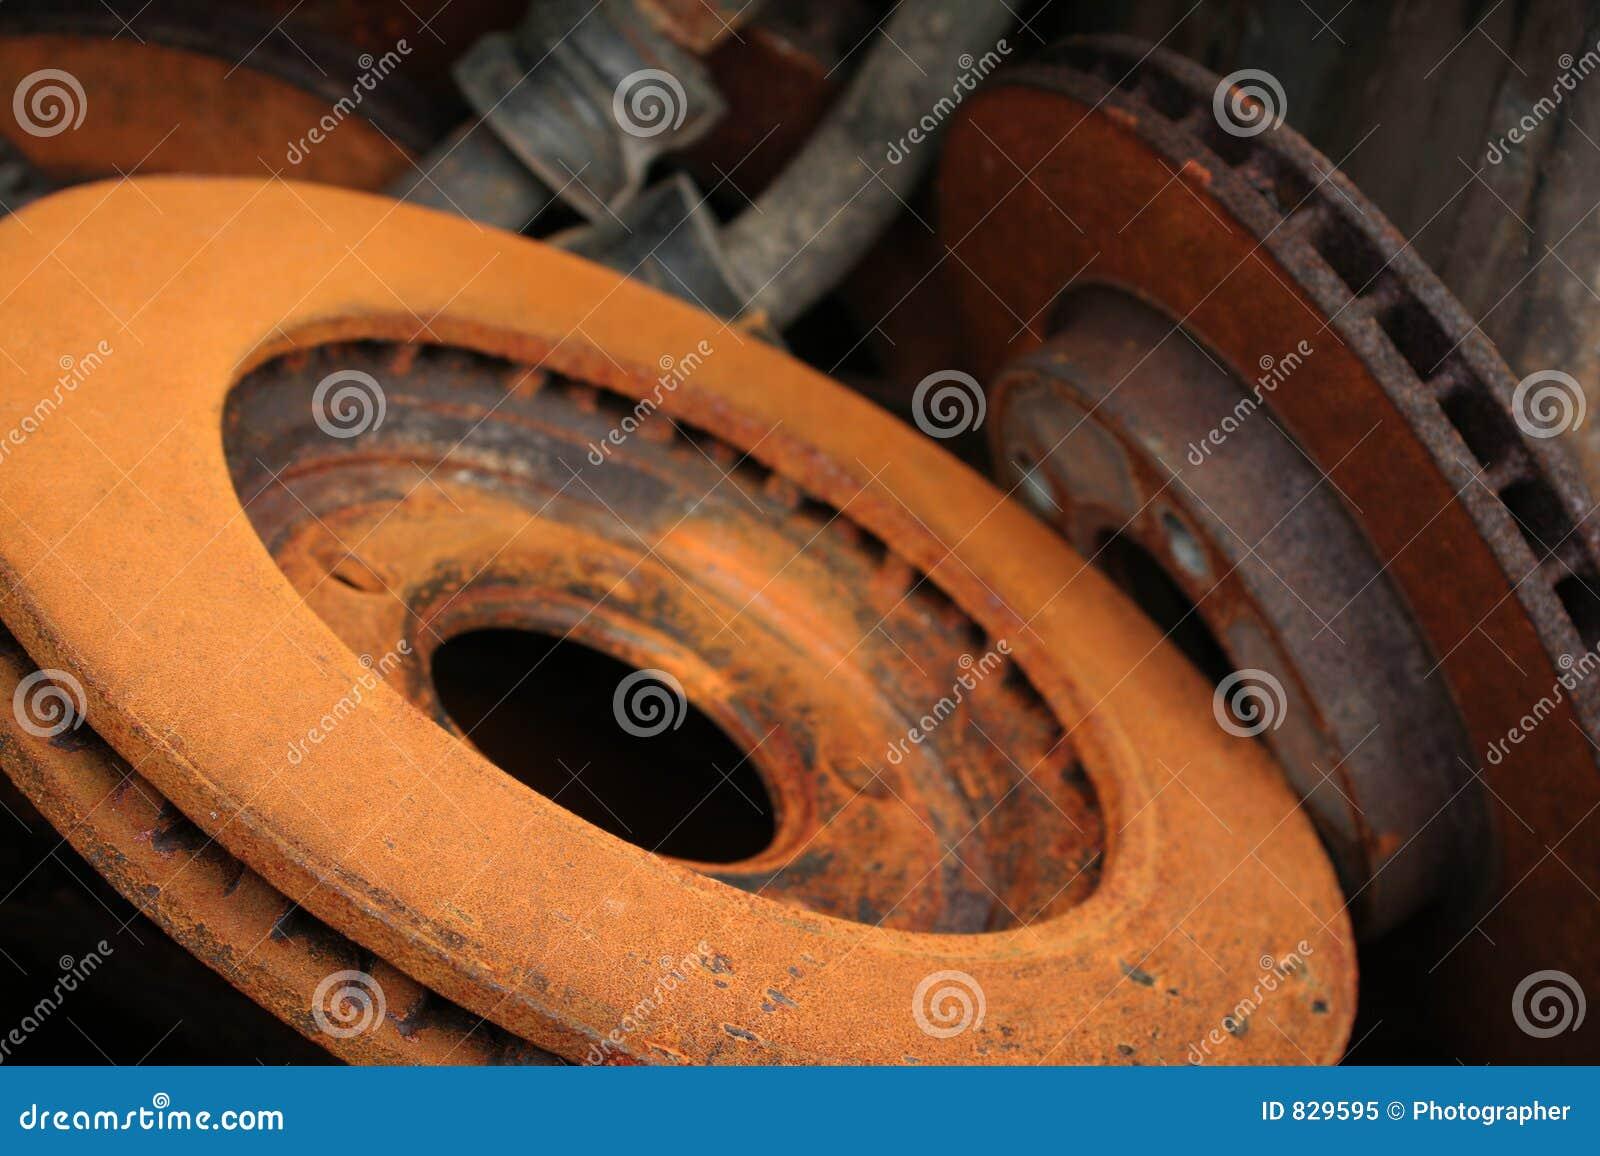 Rotores do freio, peças do carro